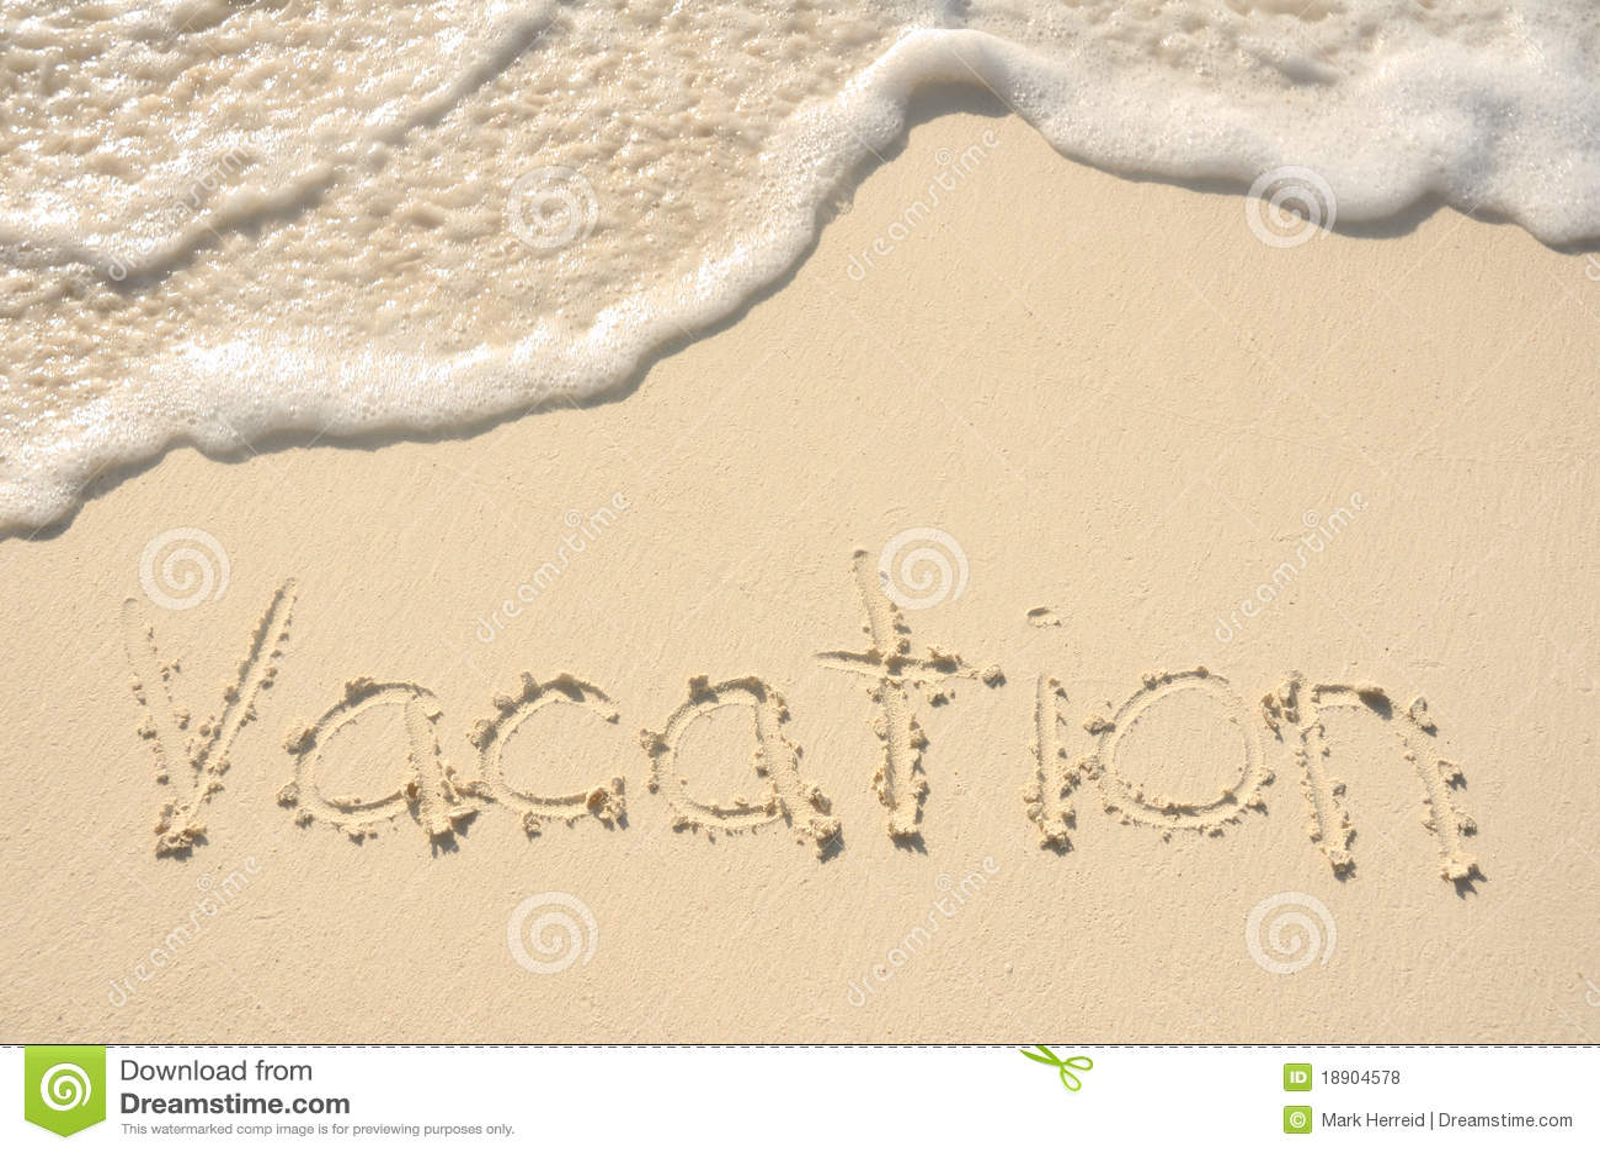 Palabras Escritas En La Arena De La: Vacaciones Escritas En Arena En La Playa Foto De Archivo